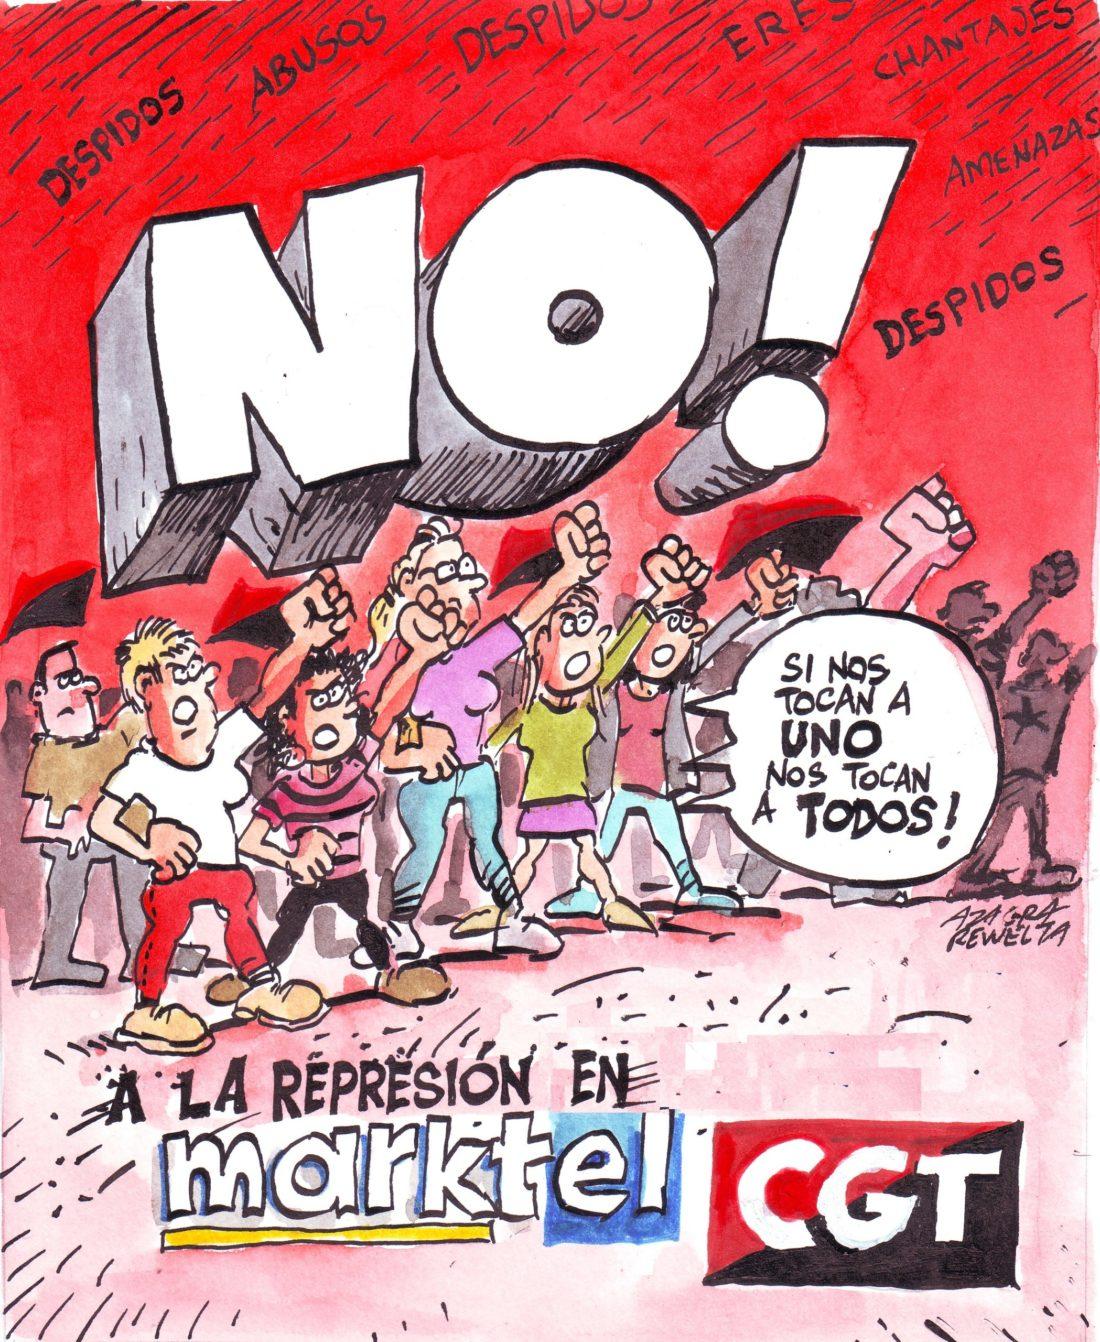 Habrá huelga en Marktel Global Services, todos los lunes